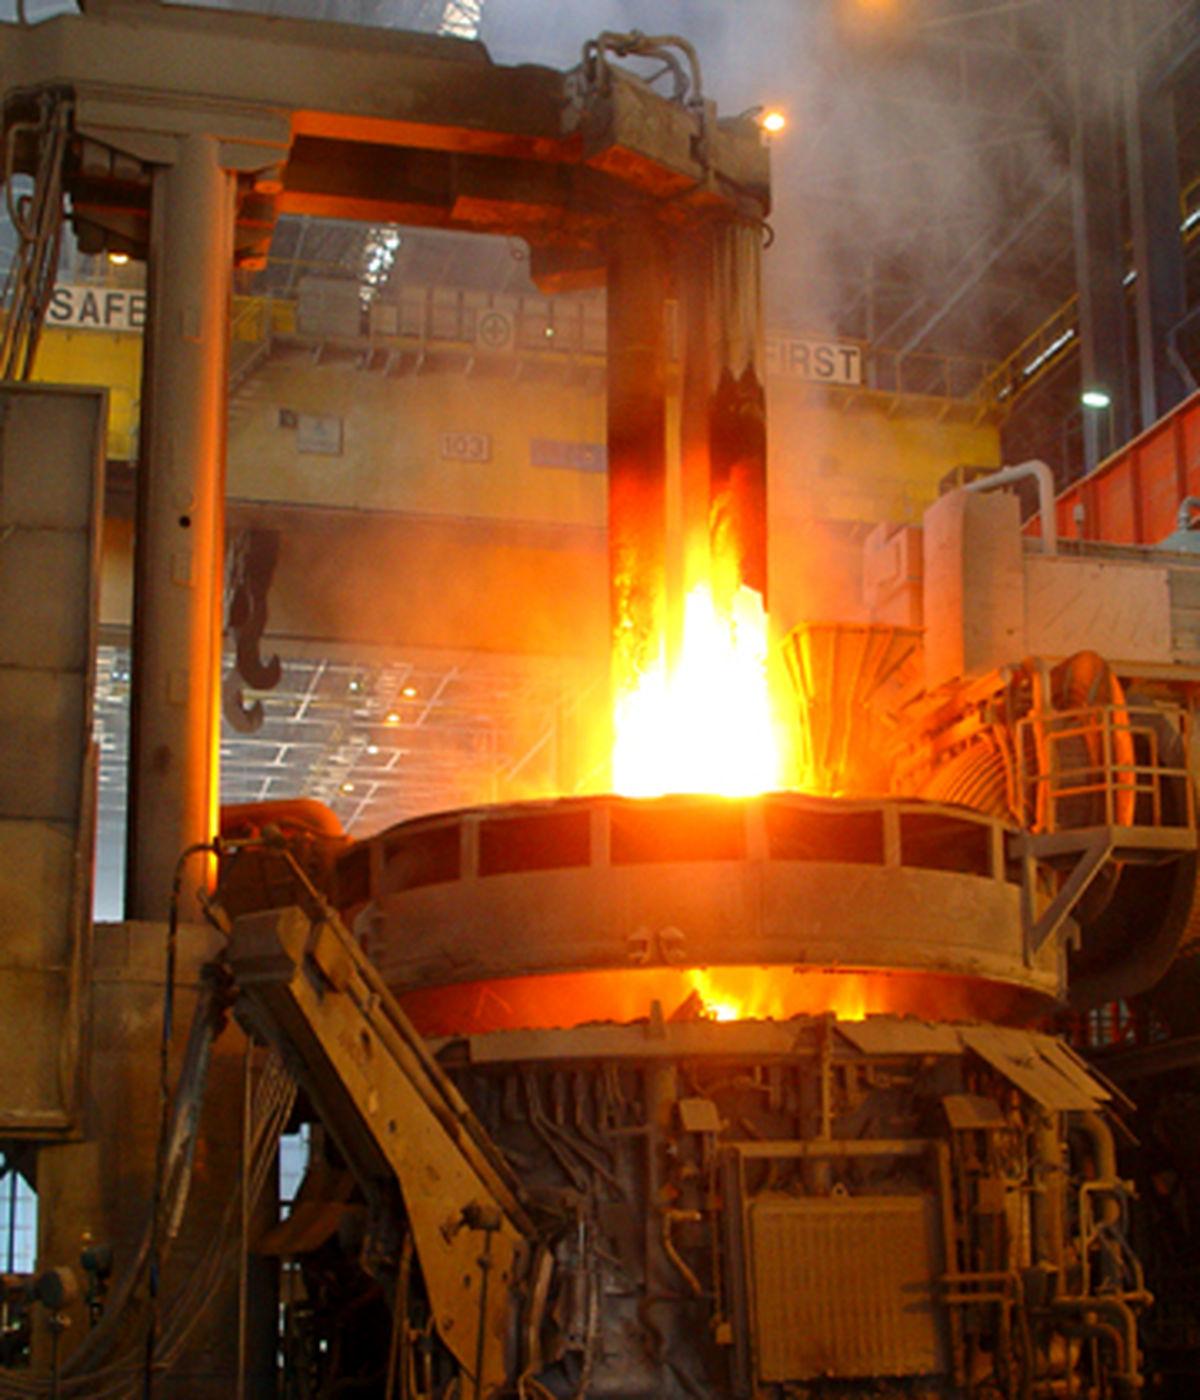 تابستان داغ فروش فولاد خراسان با 76 درصد رشد درآمد مالی